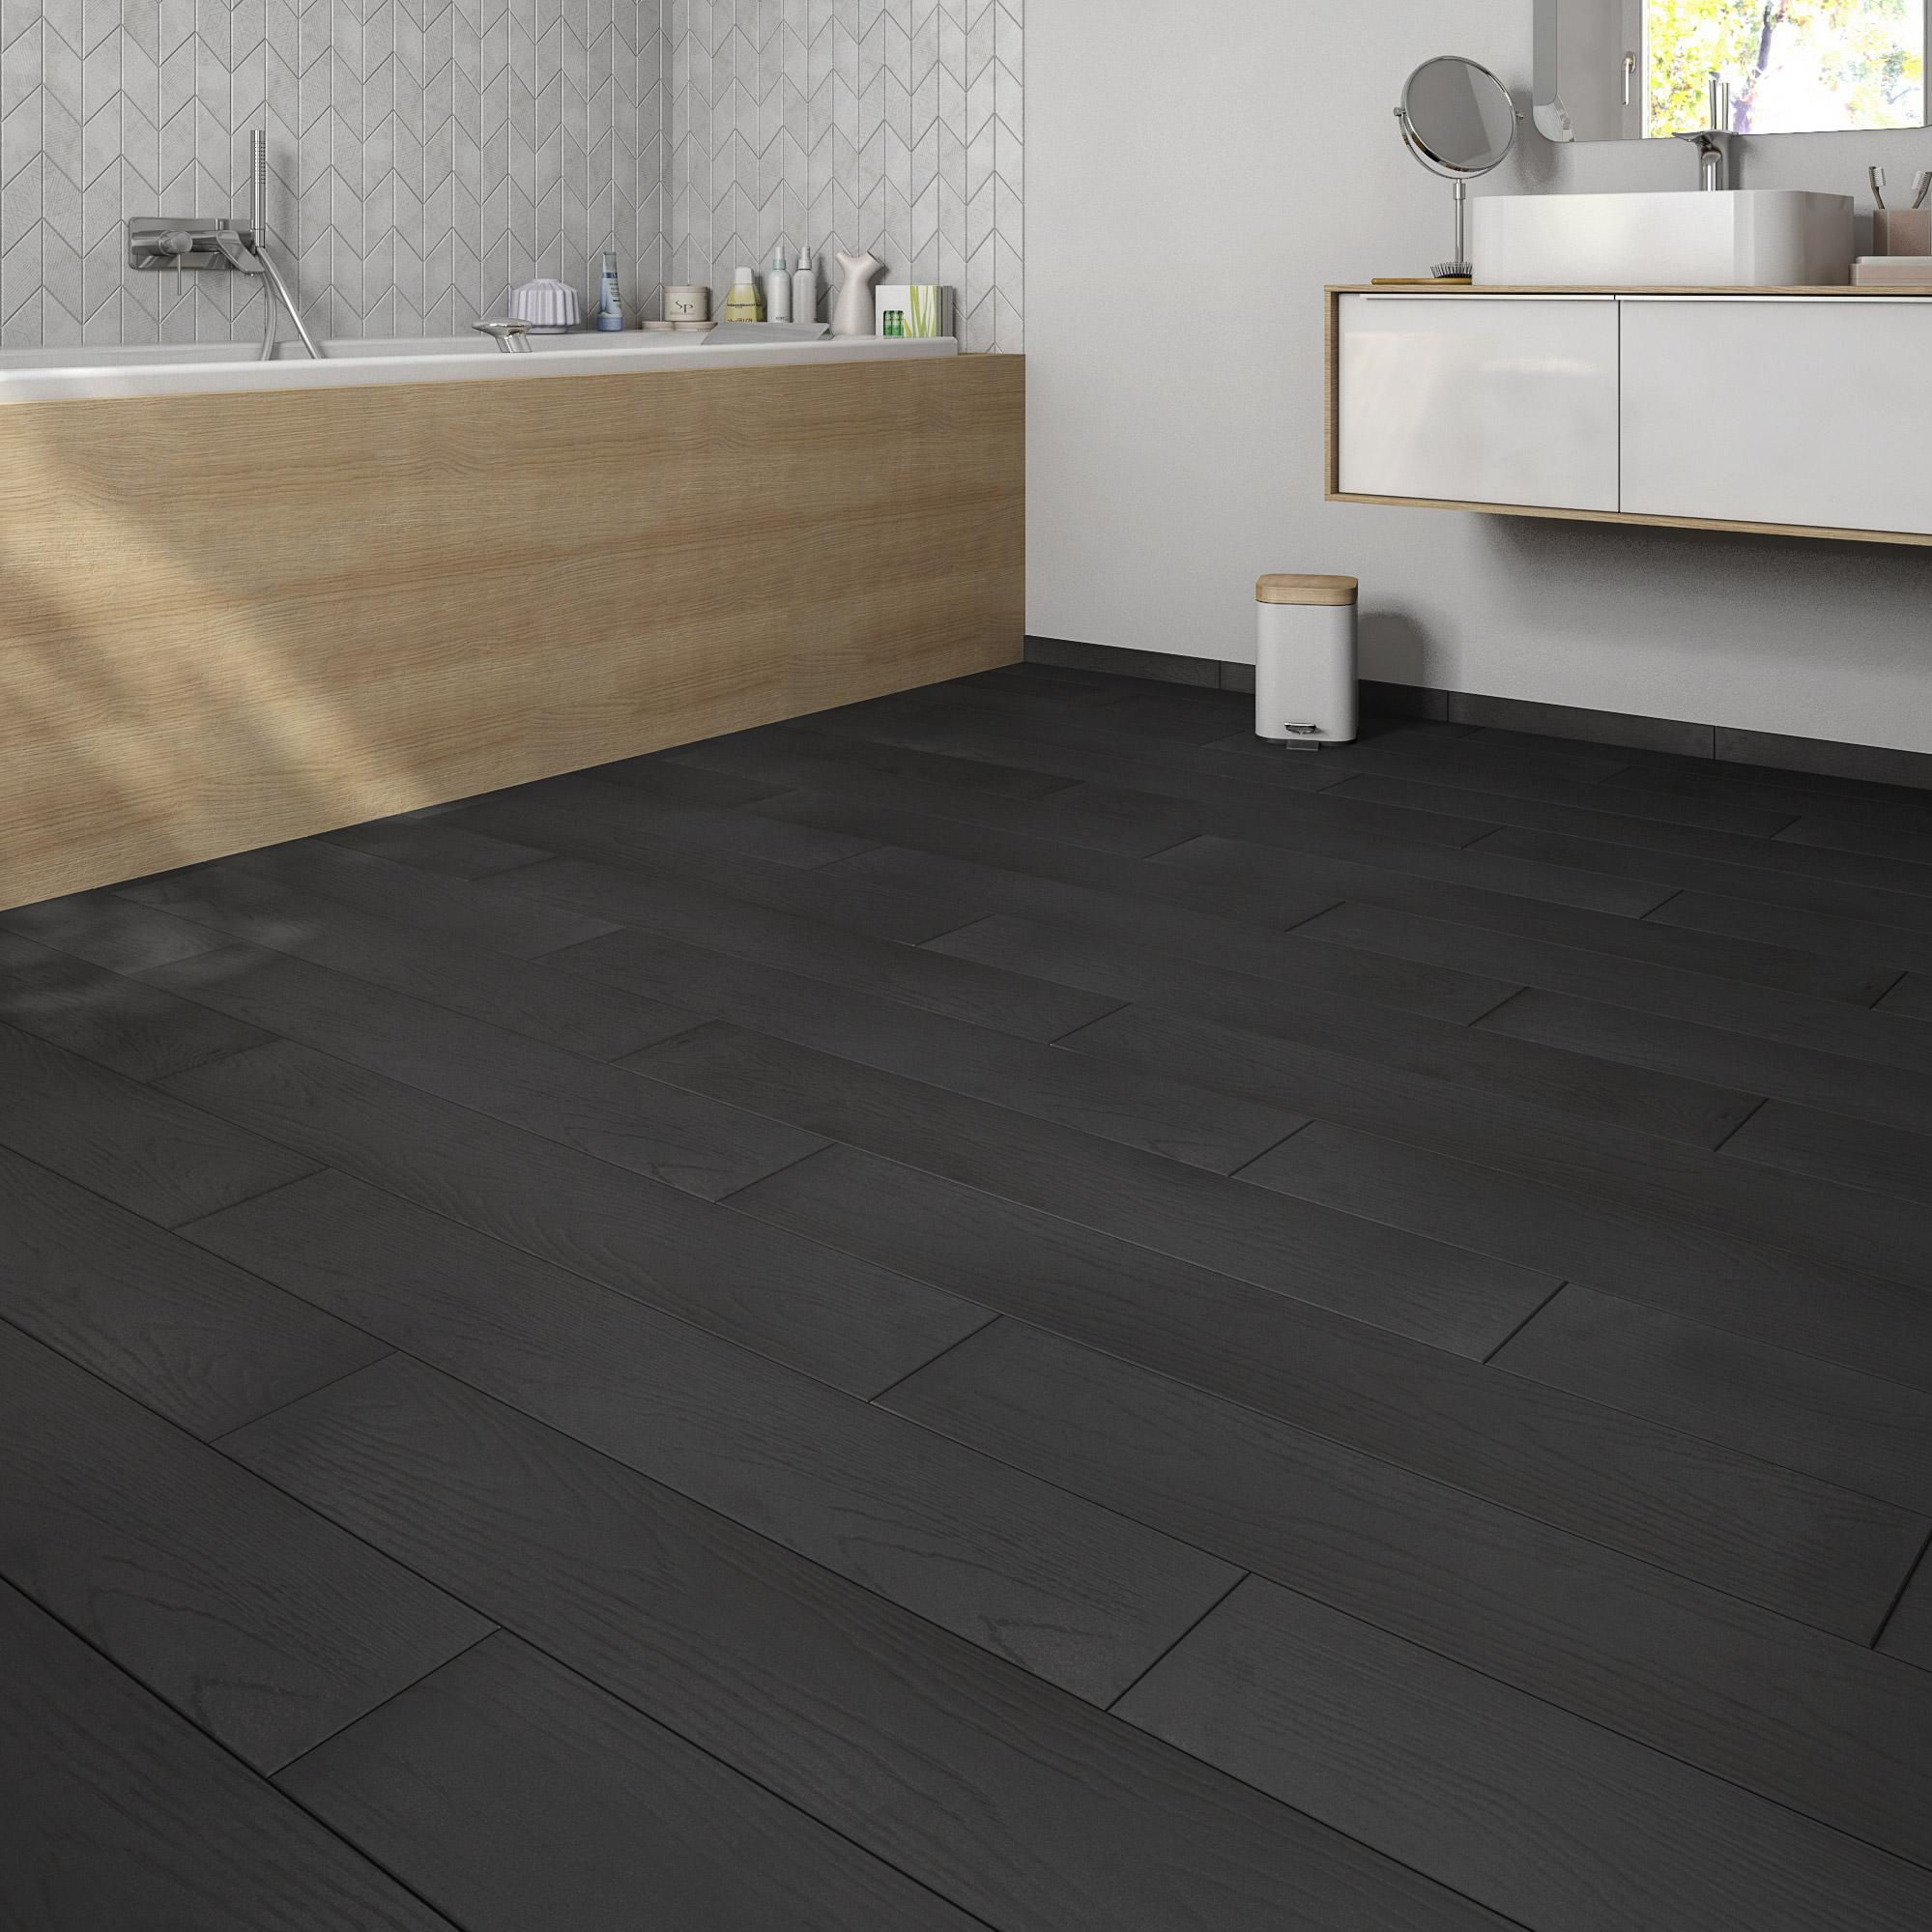 Carrelage sol et mur intenso bois noir Colorata l.15 x L.90 cm GRAND DESIR - SUP